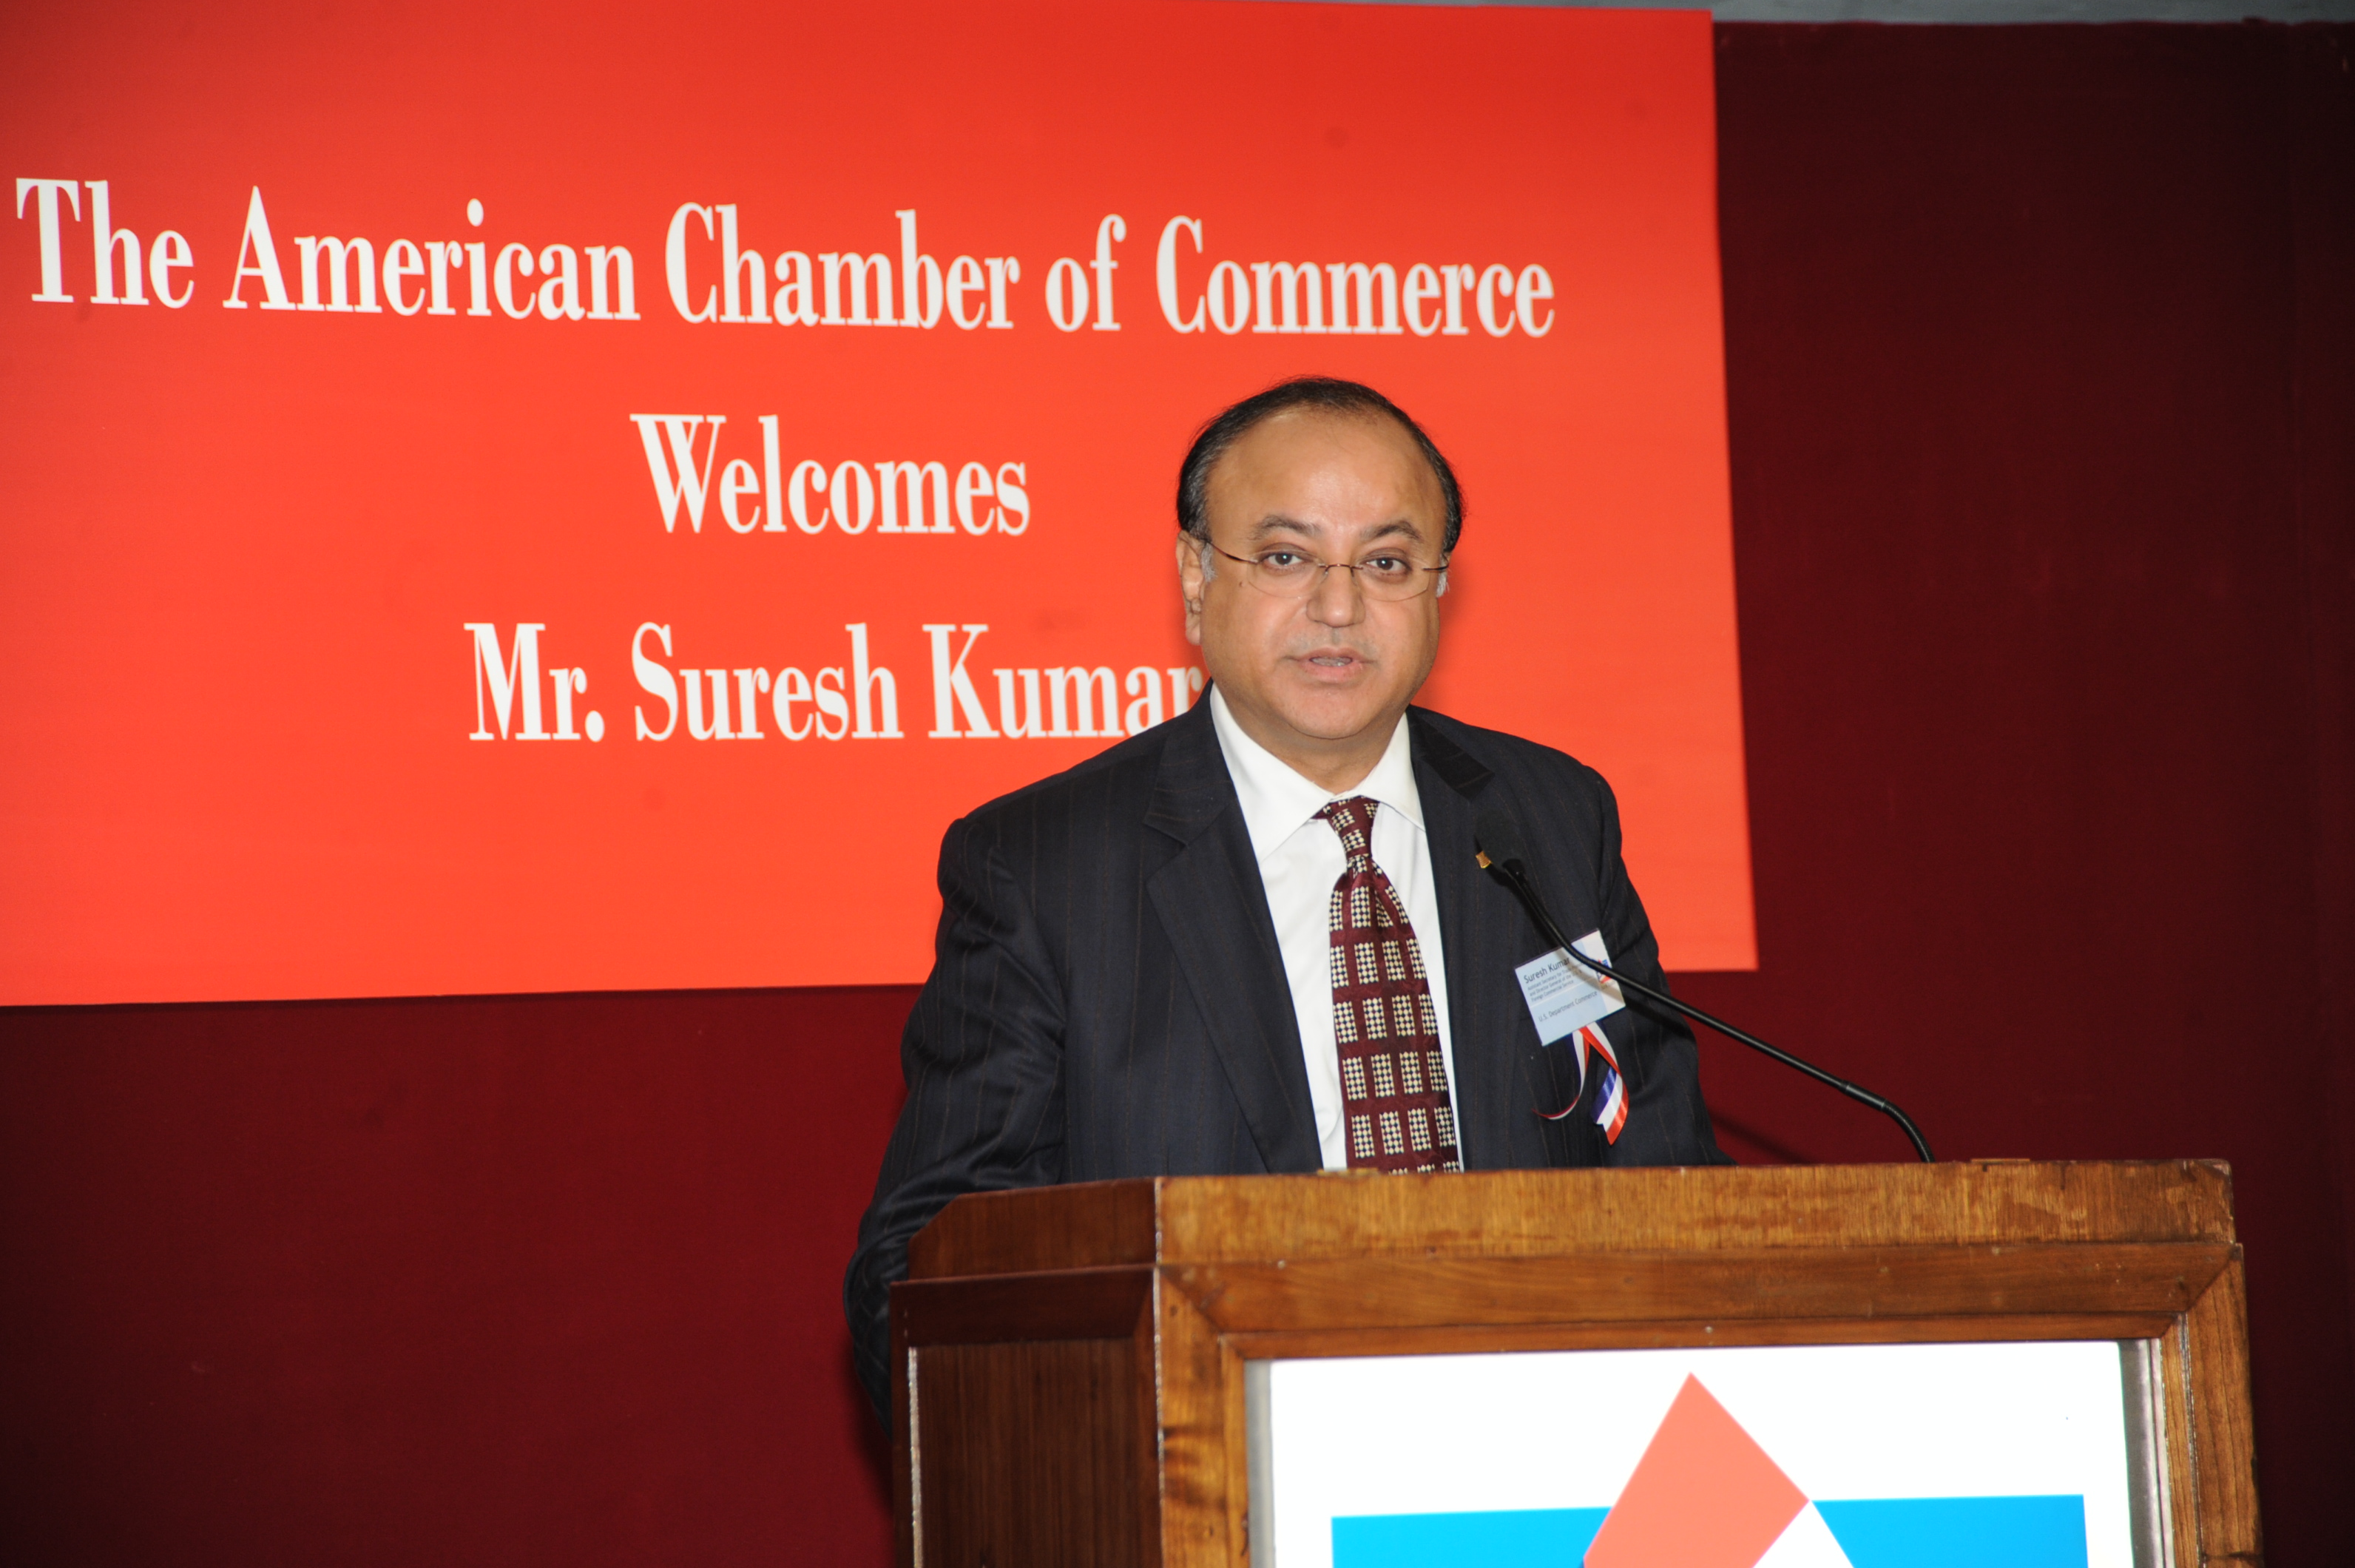 亚洲美囌͜_贸发网 - 港美合作鼓励美国公司使用香港商贸平台进军亚洲   香港贸